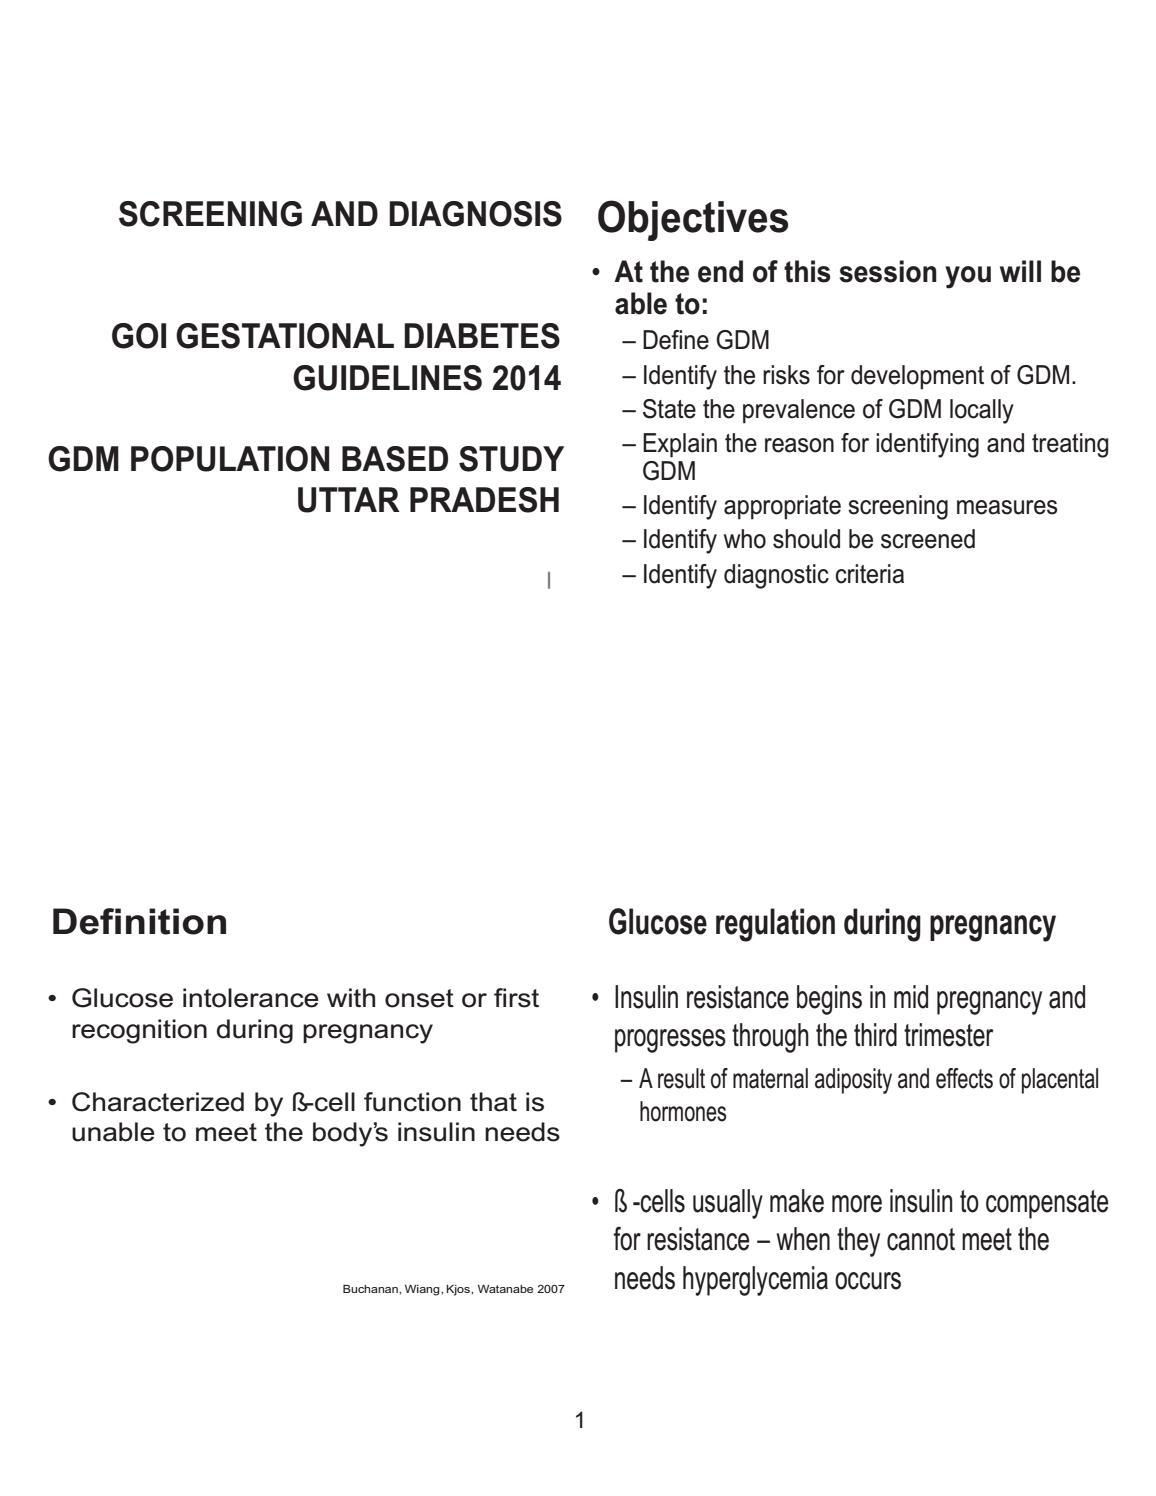 gestational diabetes screening case studies by diabetesasia by